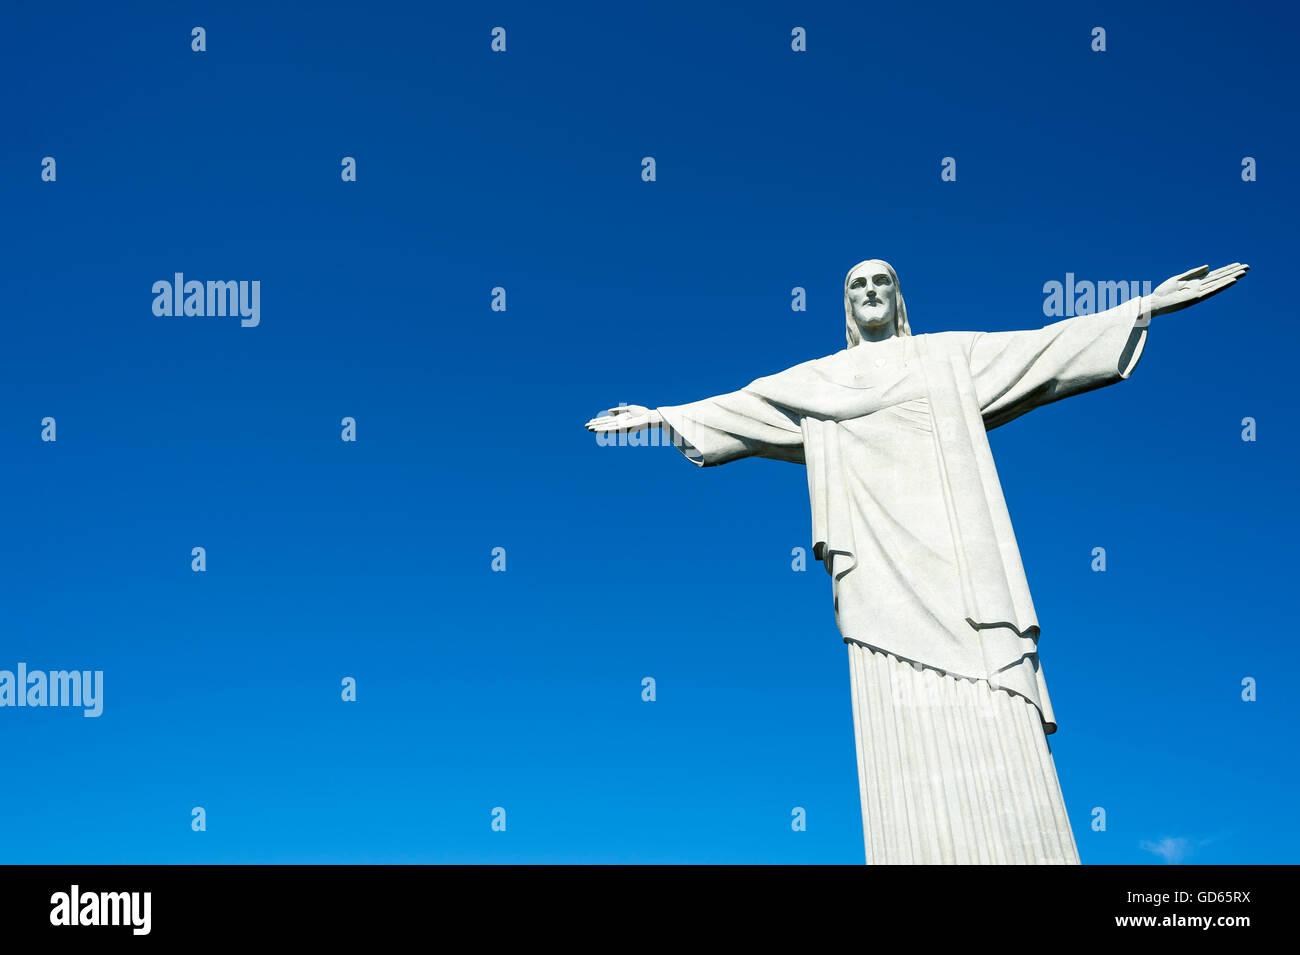 RIO DE JANEIRO - MARZO 05, 2016: Statua del Cristo Redentore nel cielo blu chiaro in bright sole di mattina. Foto Stock